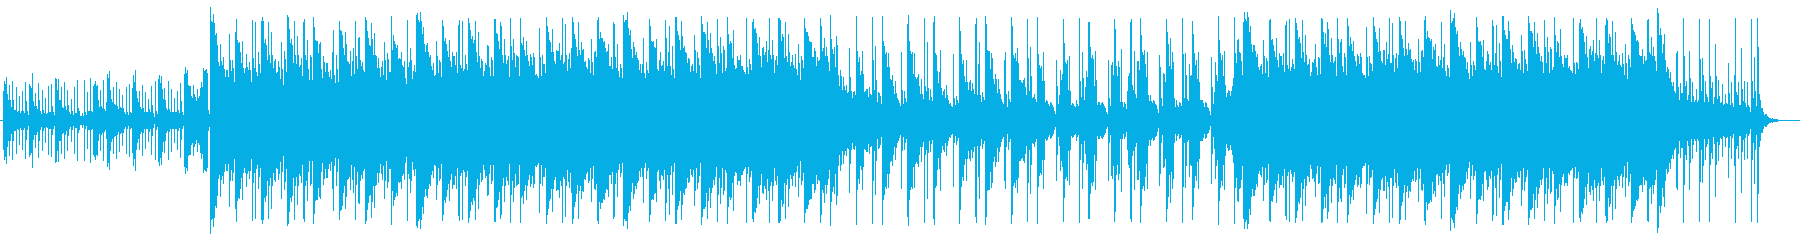 明るい綺麗で幸せなBGMの再生済みの波形